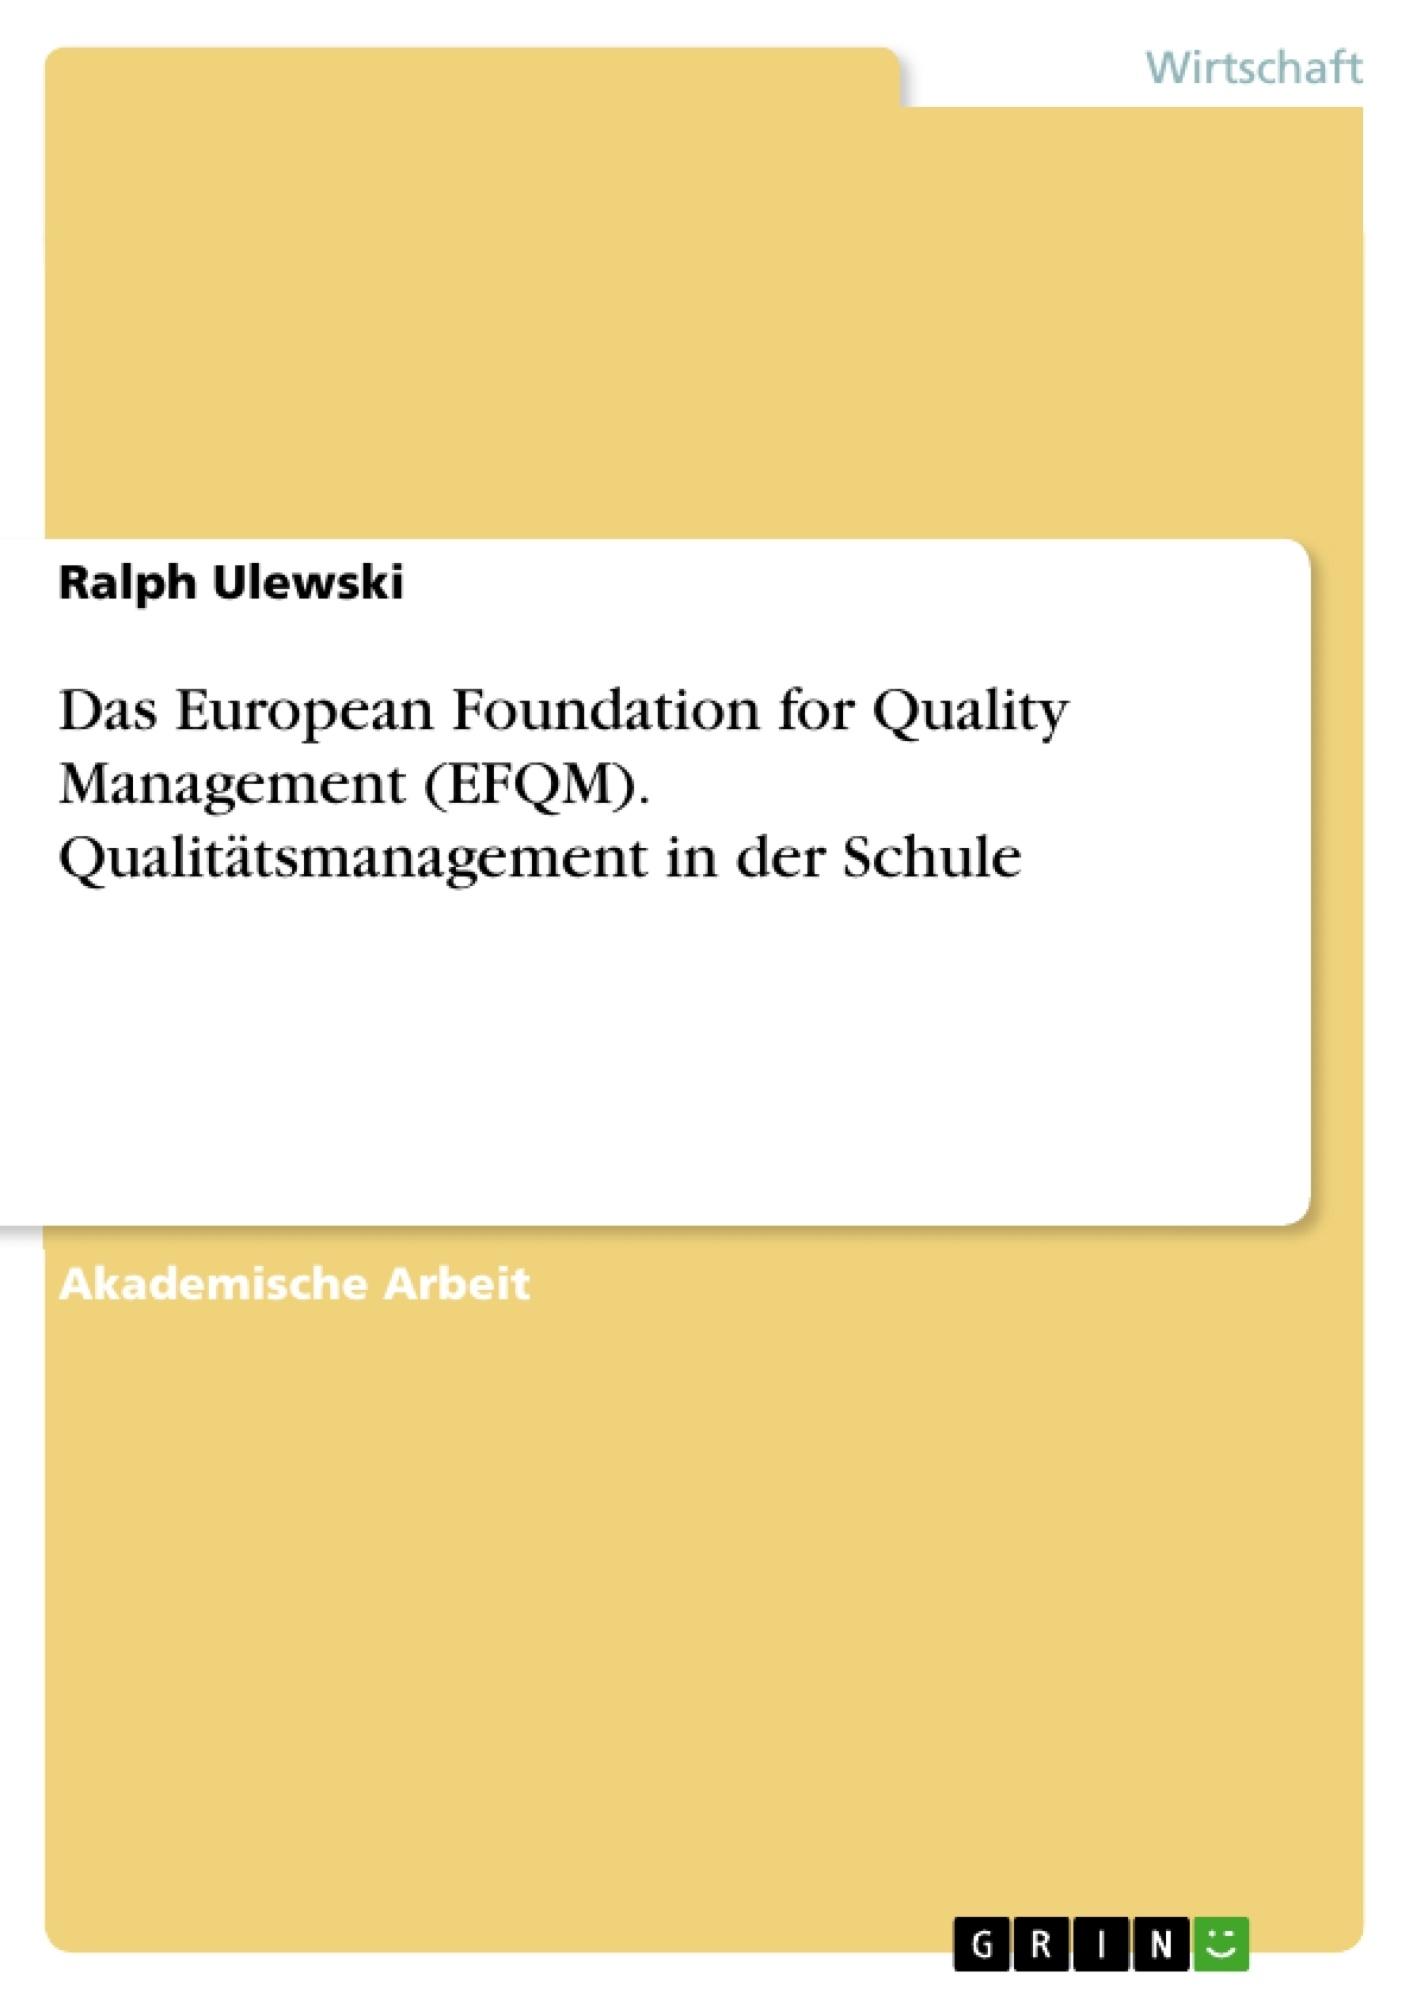 Titel: Das European Foundation for Quality Management (EFQM). Qualitätsmanagement in der Schule